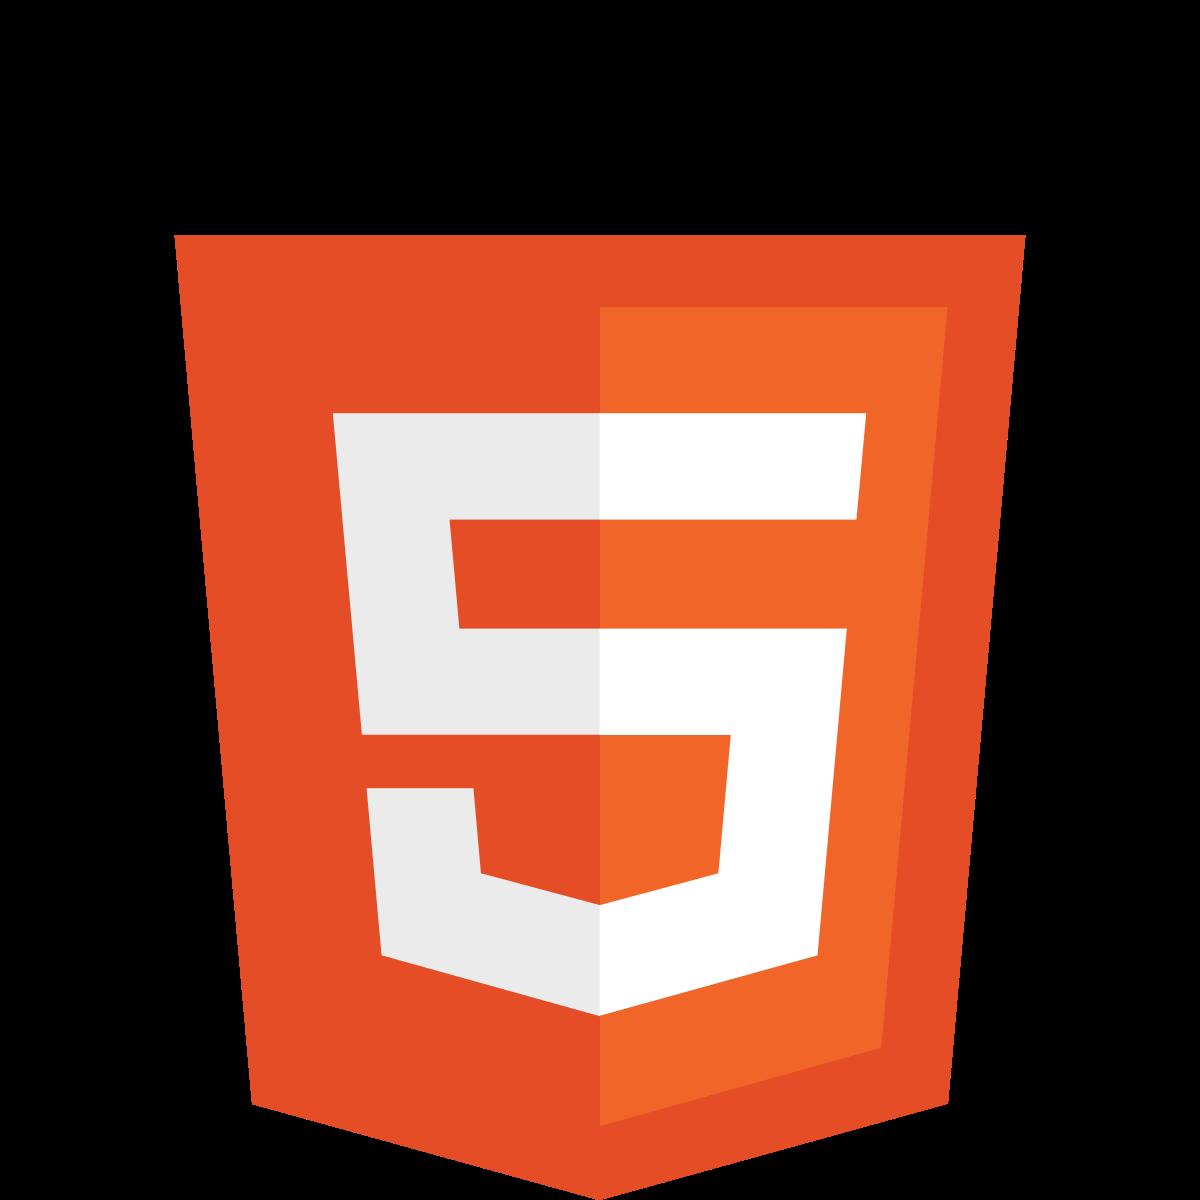 HTML5ロゴ